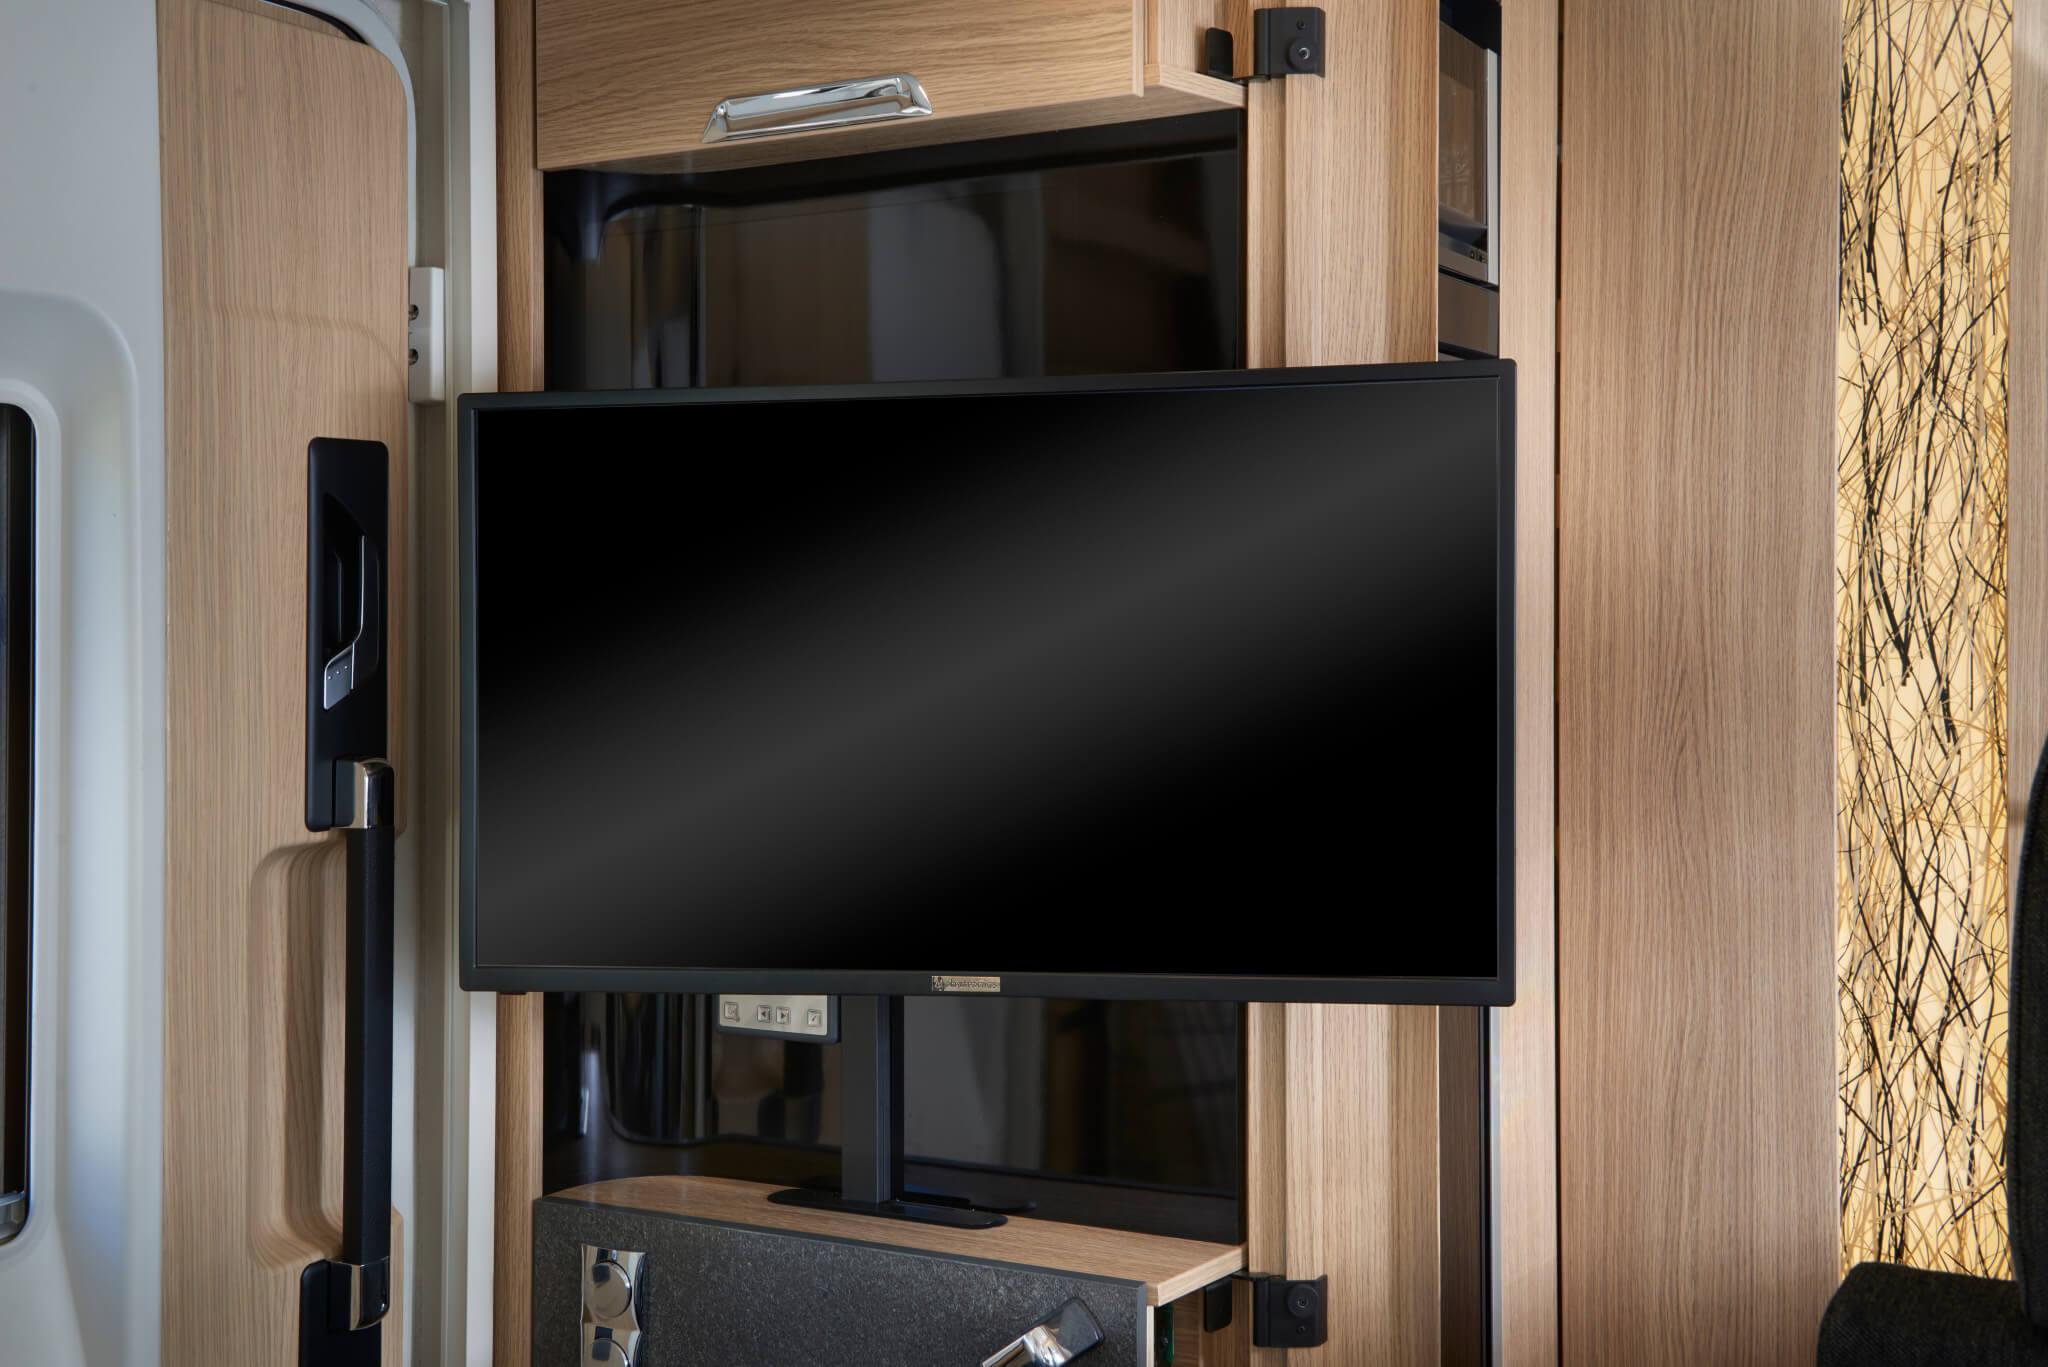 NIESMANN+BISCHOFF - Arto - Arto 82 E - télevision - Smart TV 32 inch